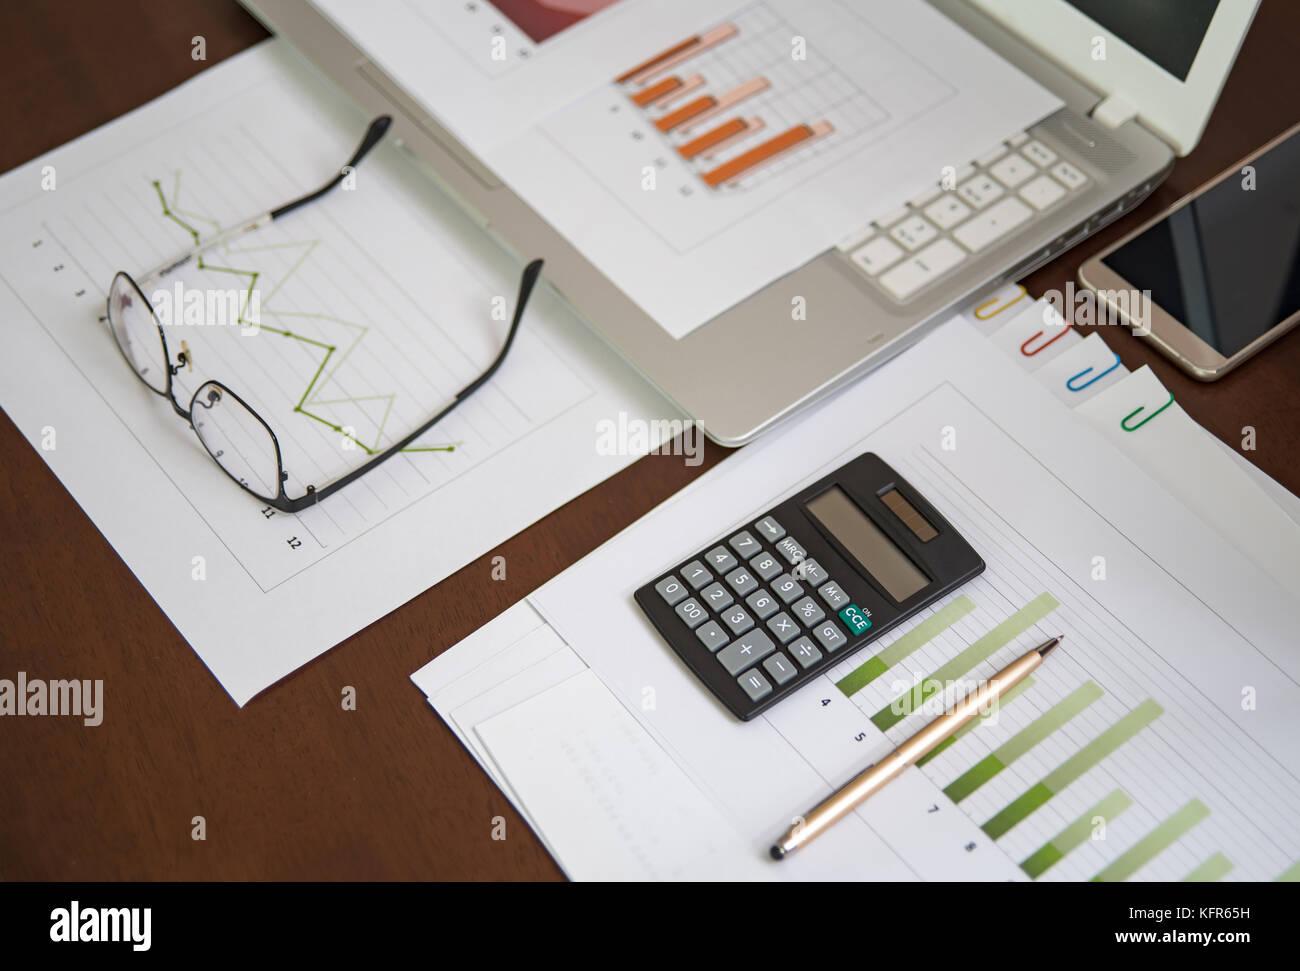 Business Finanzen, Steuern, Buchhaltung, Statistik und analytische Forschung Konzept Stockfoto